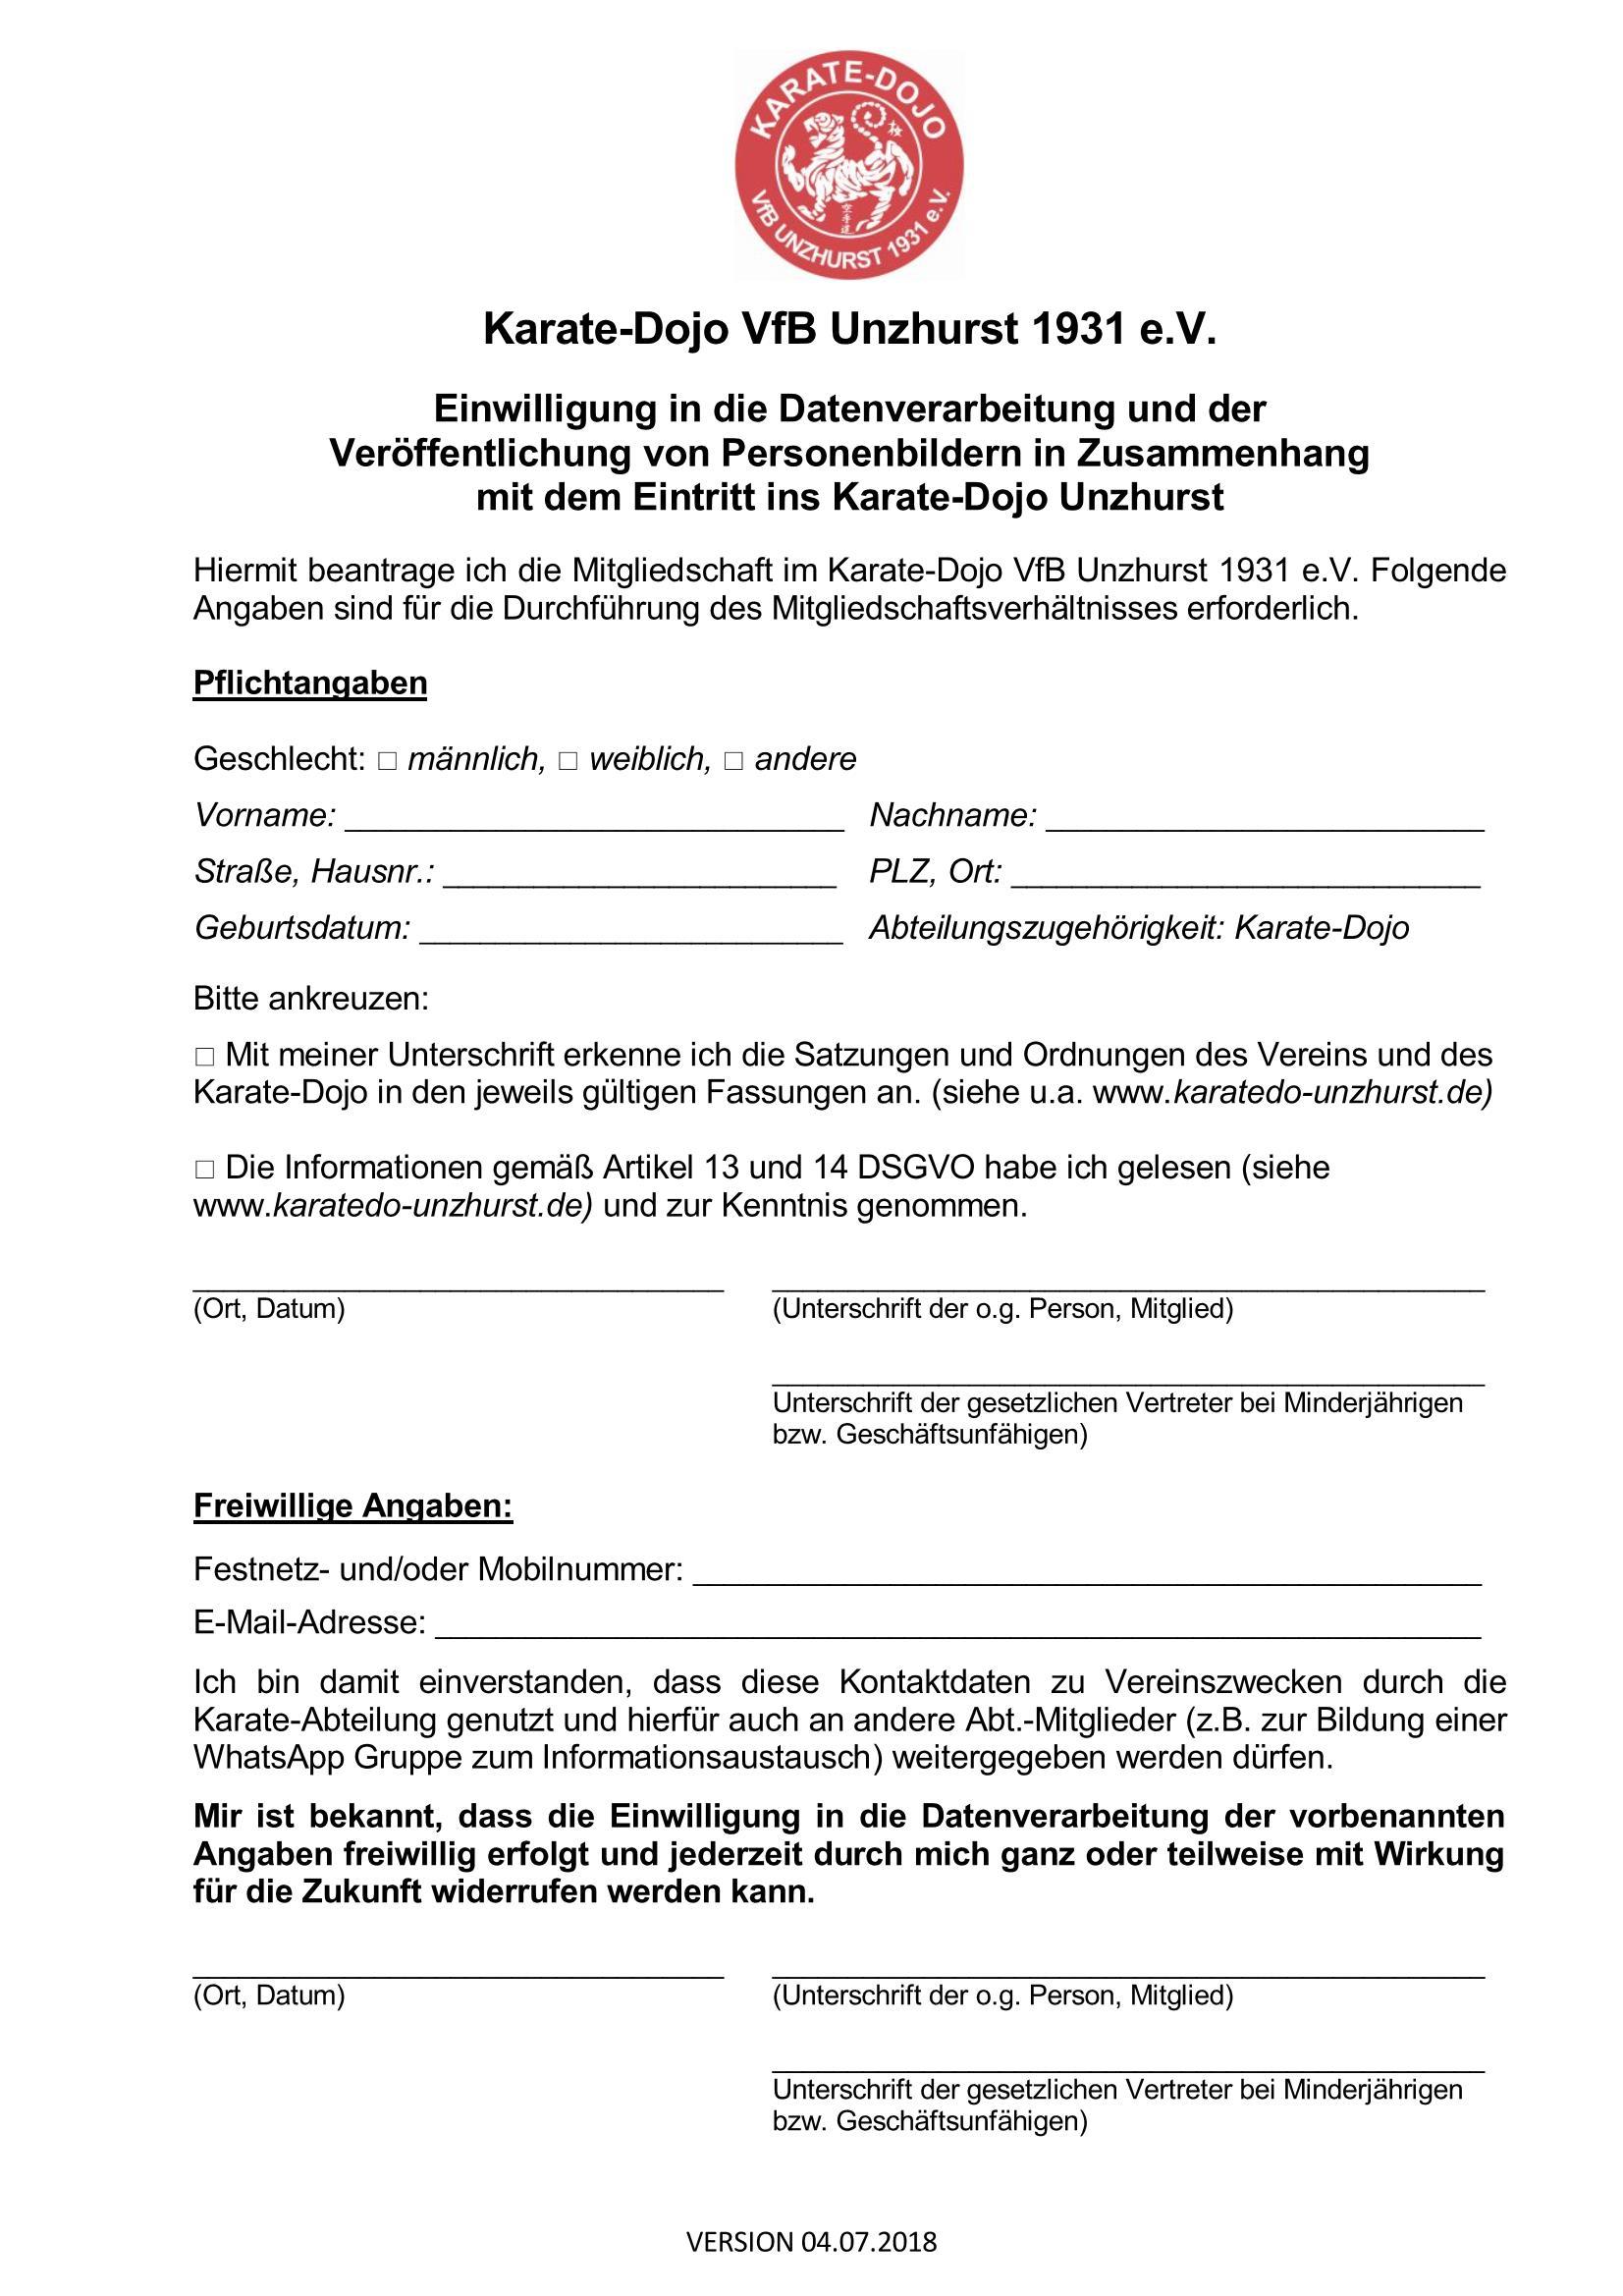 Einwilligung Datenverarbeitung Seite 1